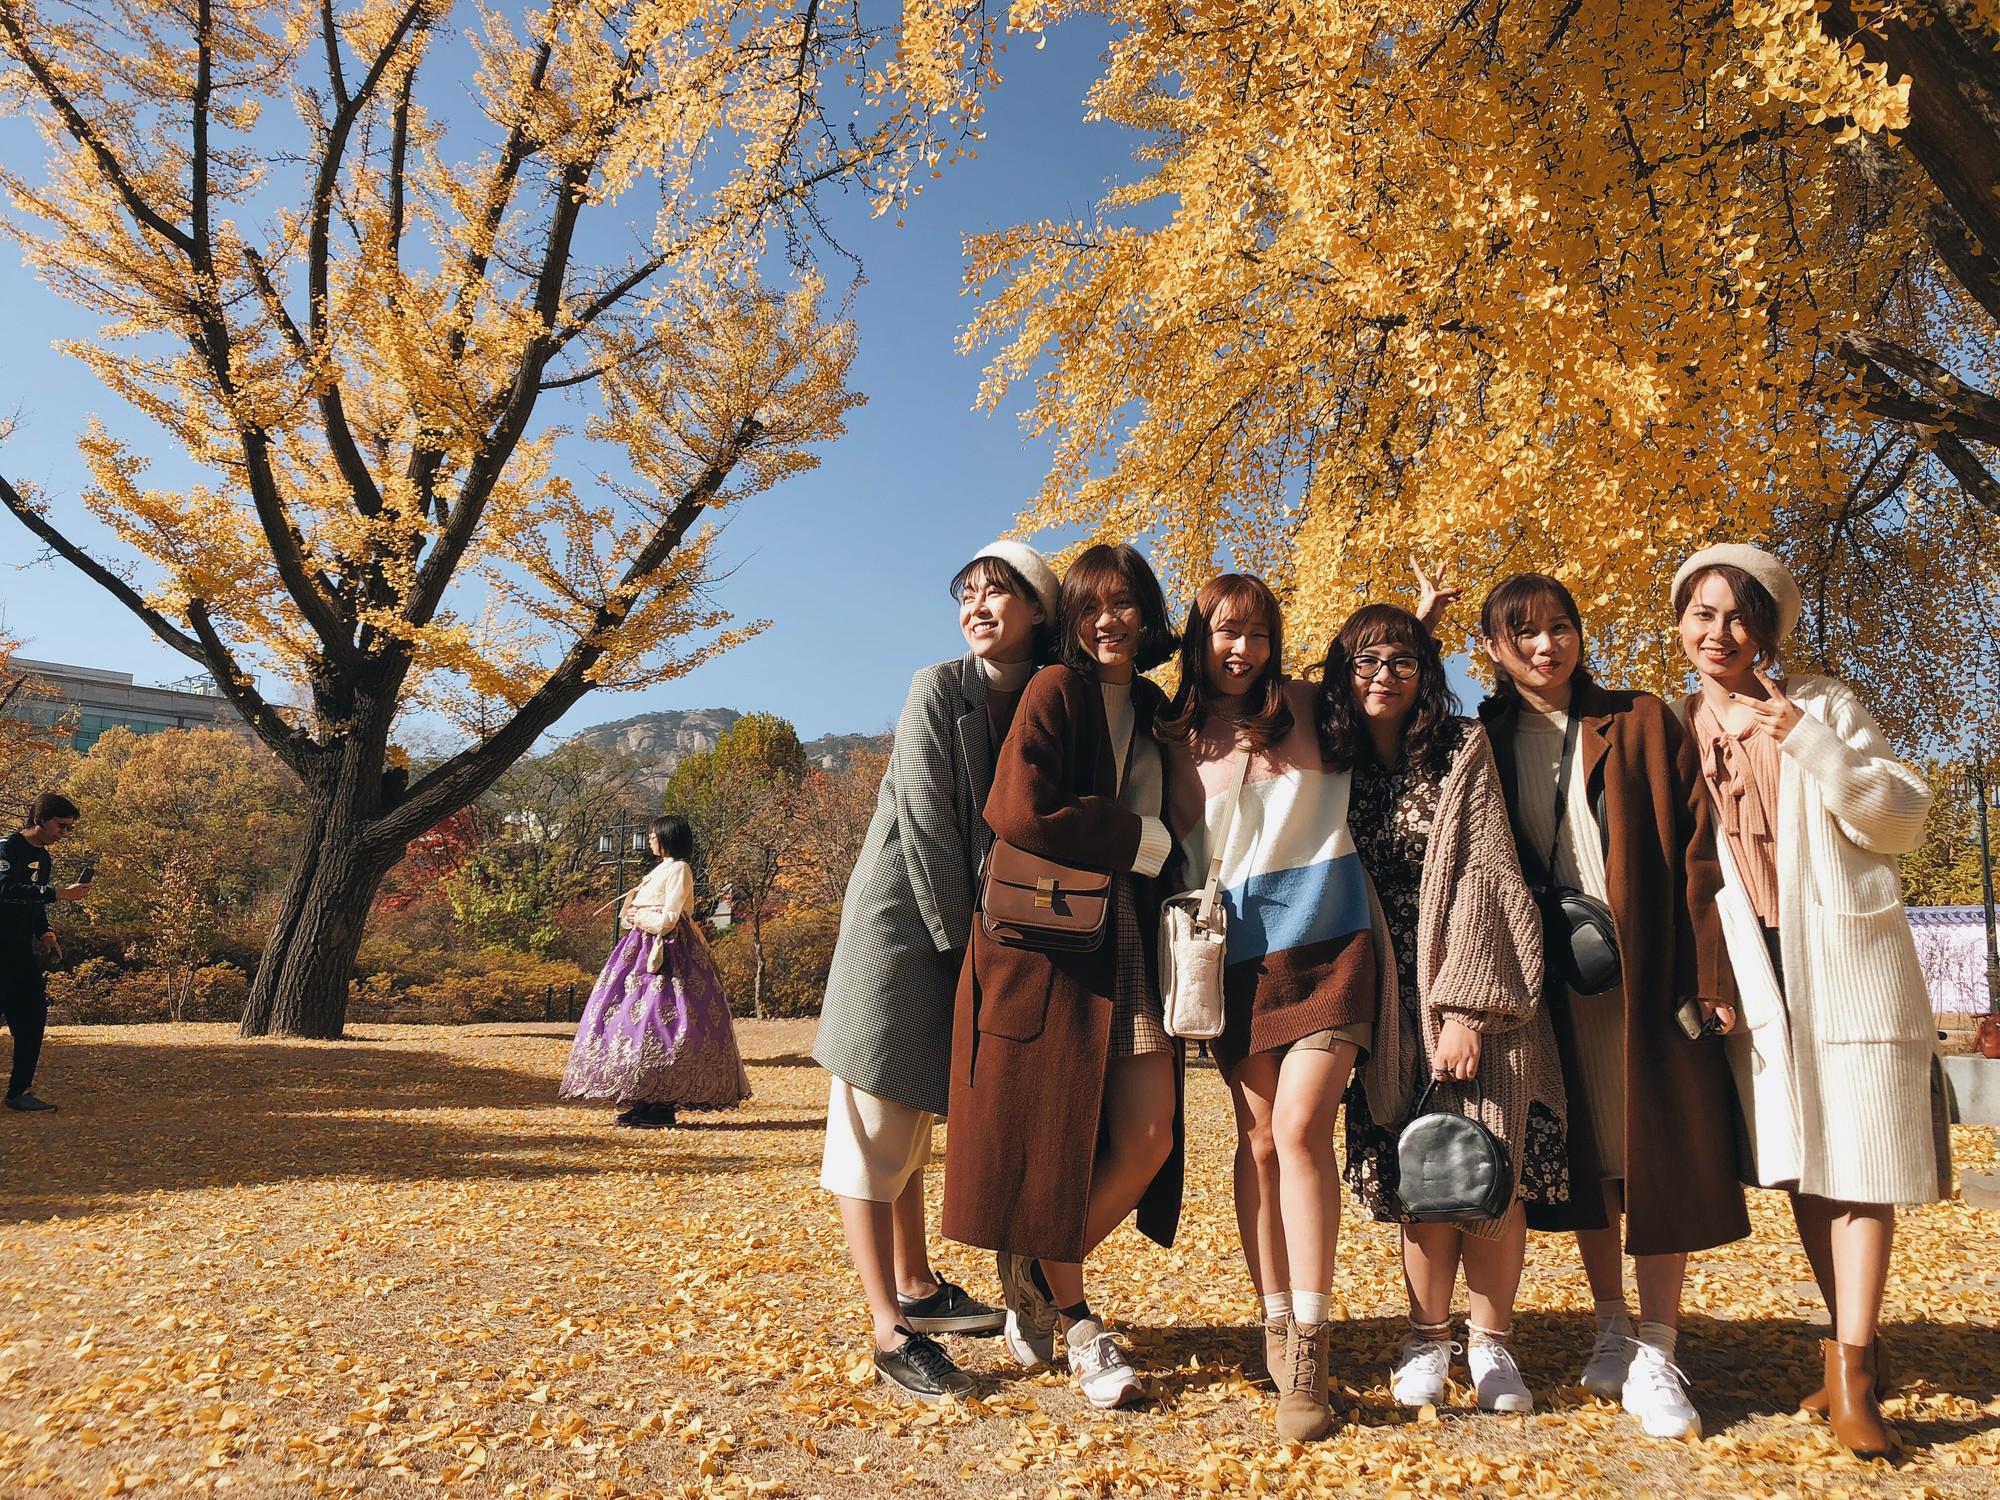 Ảnh đi Hàn tuyệt đẹp của An Toe: Du lịch nhóm, lên concept áo quần quan trọng như... mua vé máy bay! - Ảnh 7.